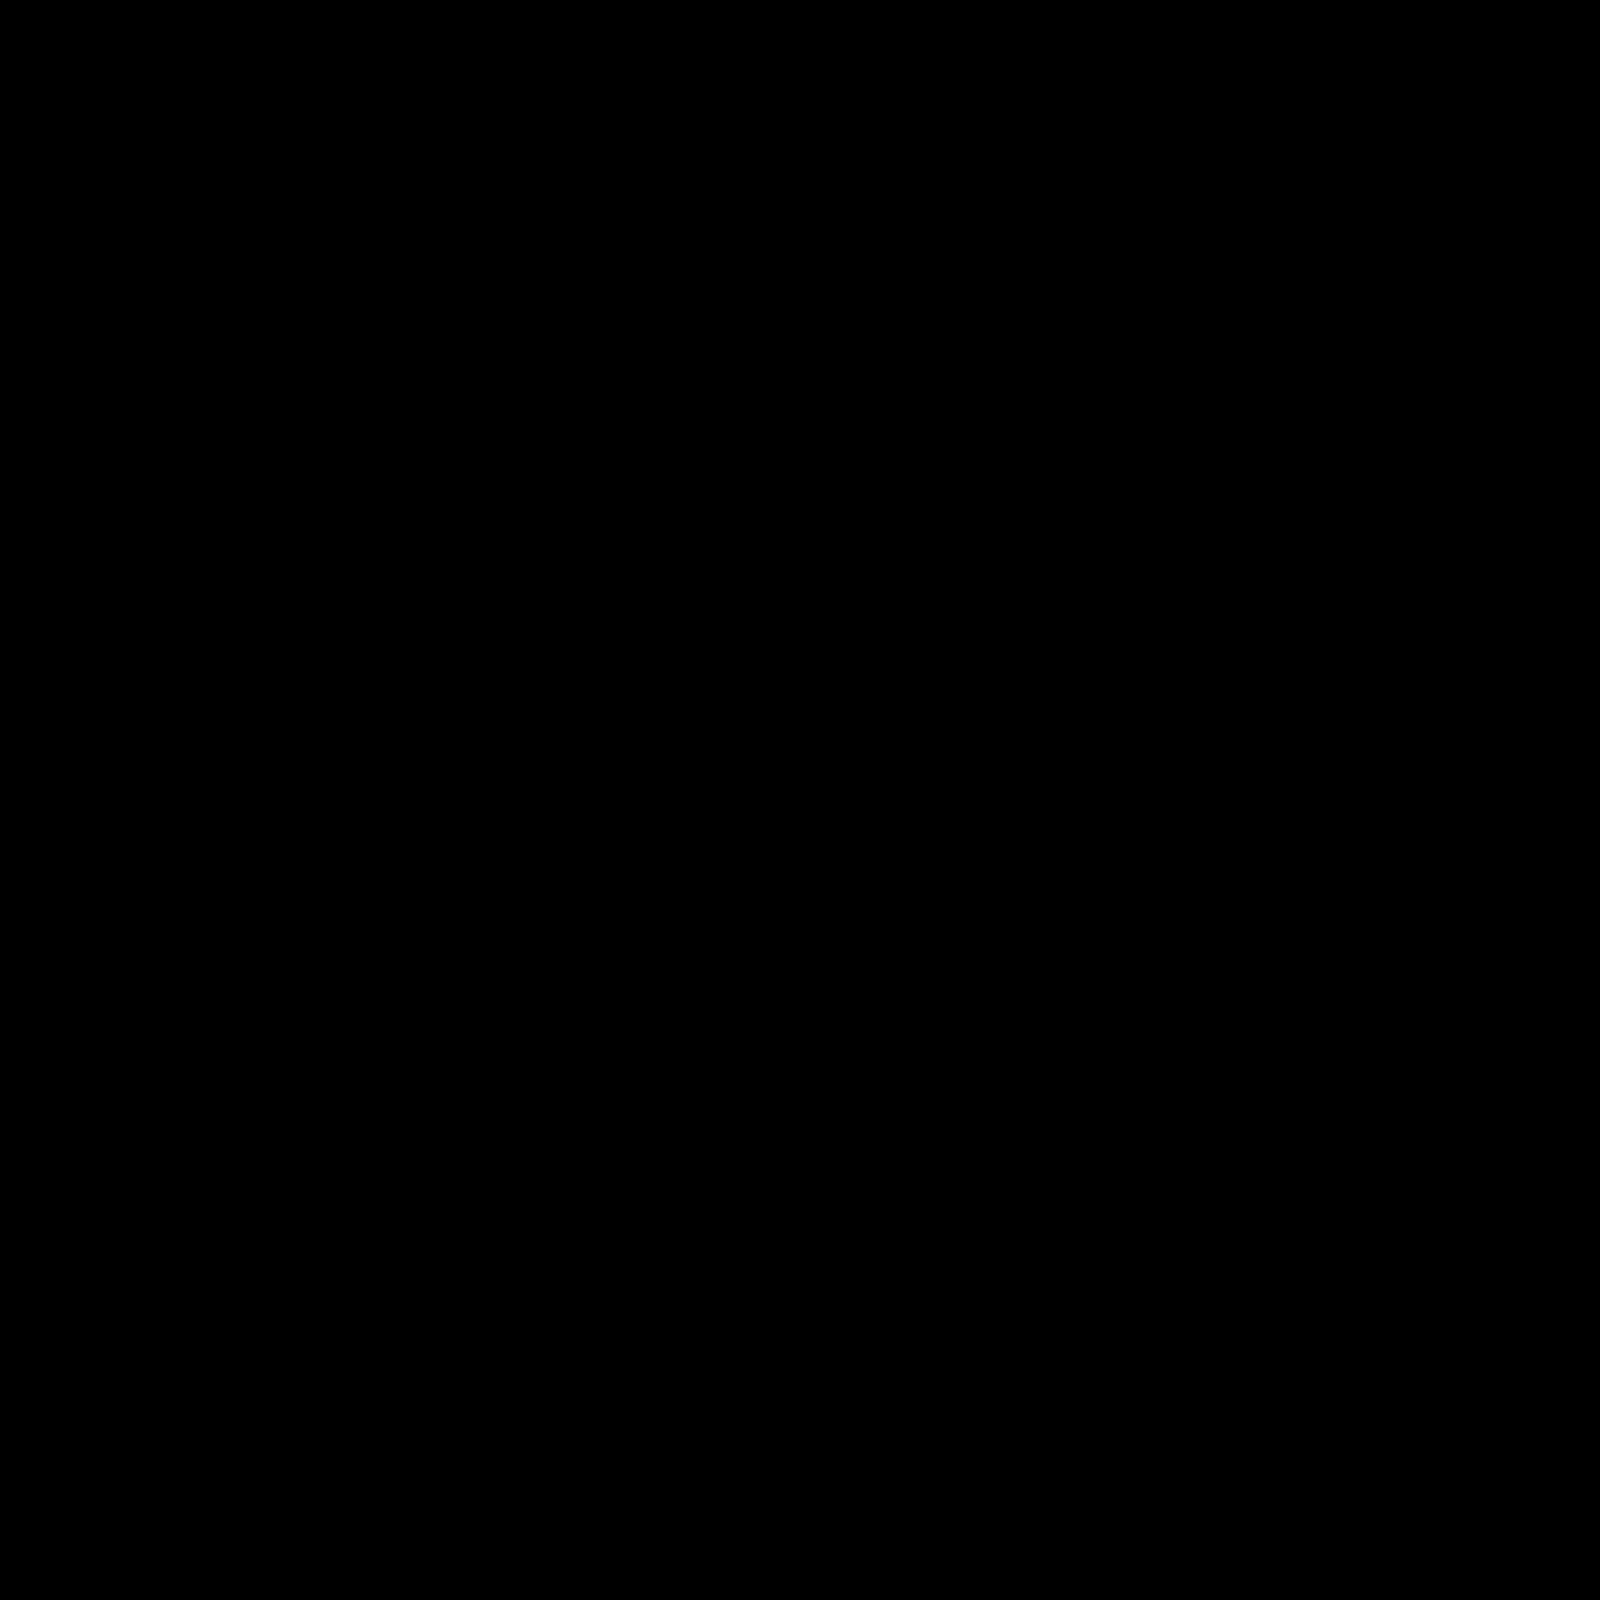 Atenuación de luz apagado icon